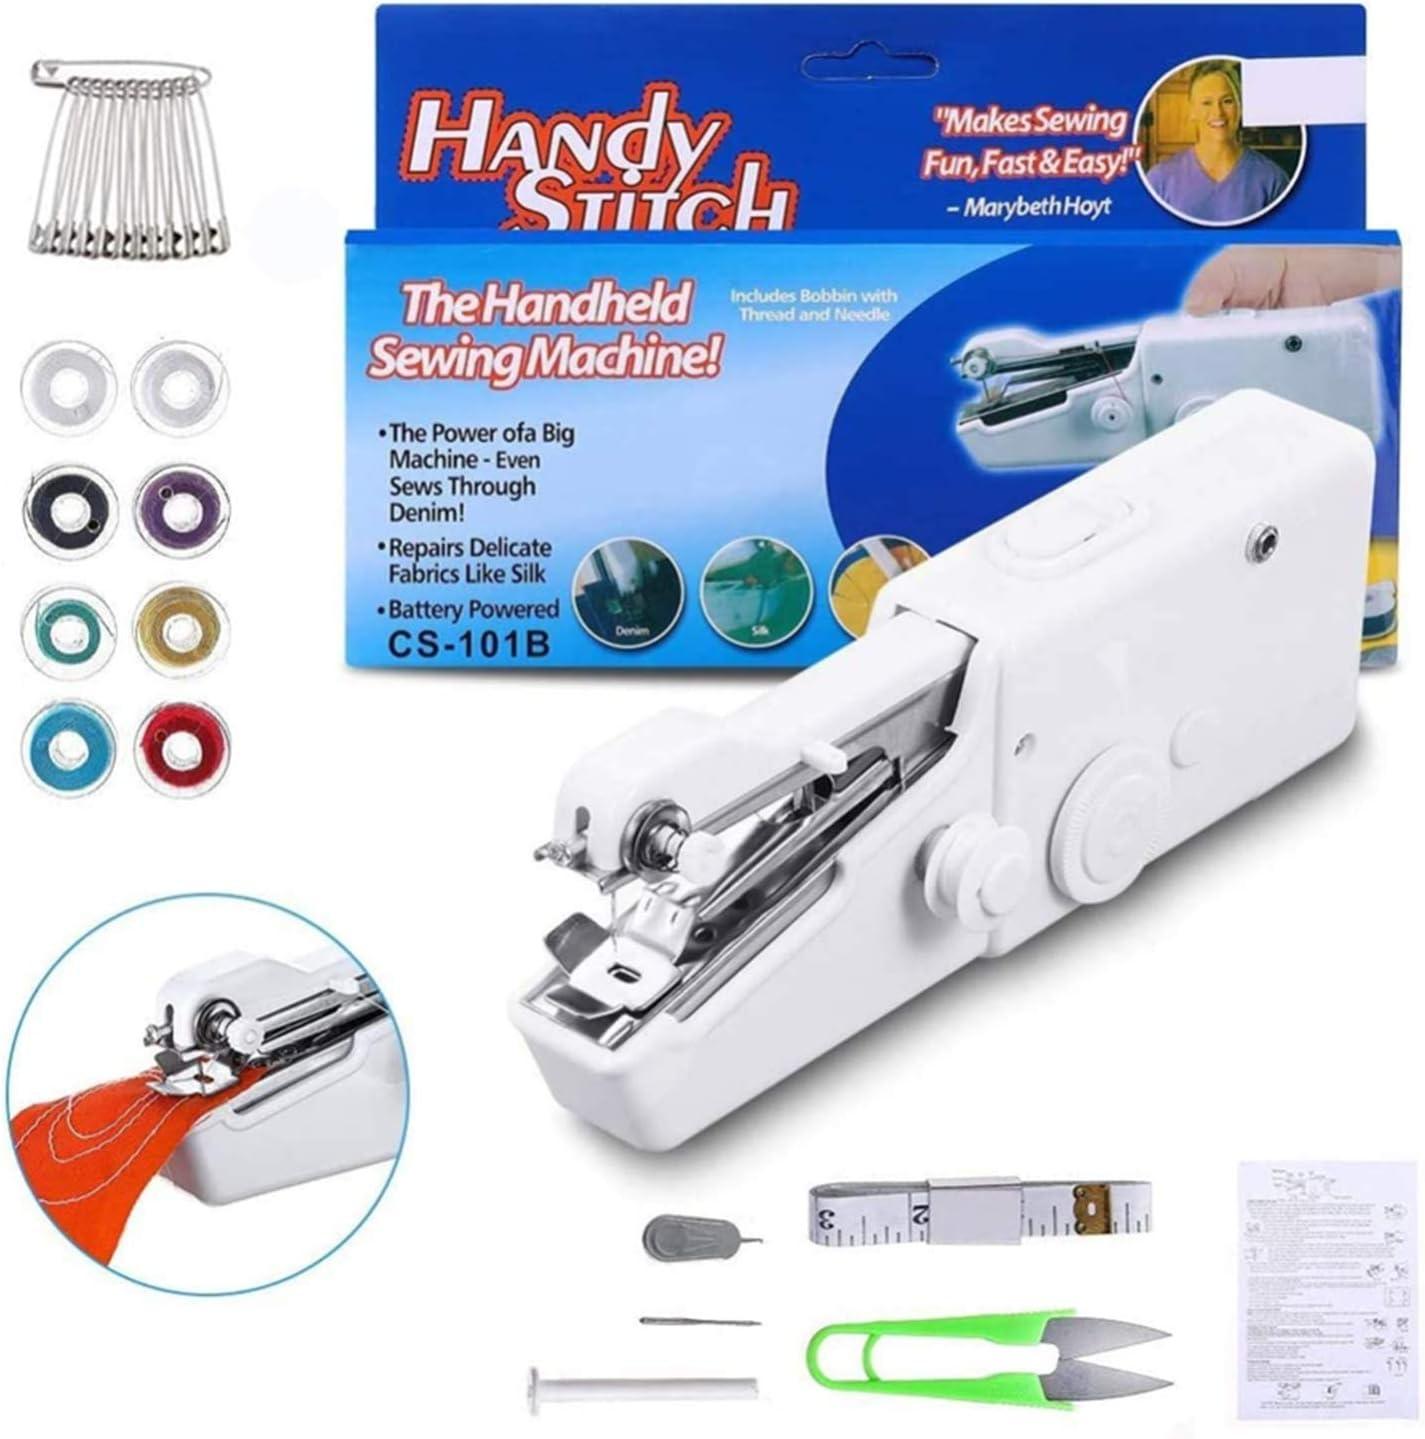 Máquina de coser de mano, Jsdoin Mini máquina de coser portátil, mini máquina de coser inalámbrica de reparación rápida para ropa, Denim, cortinas, cuero y bricolaje